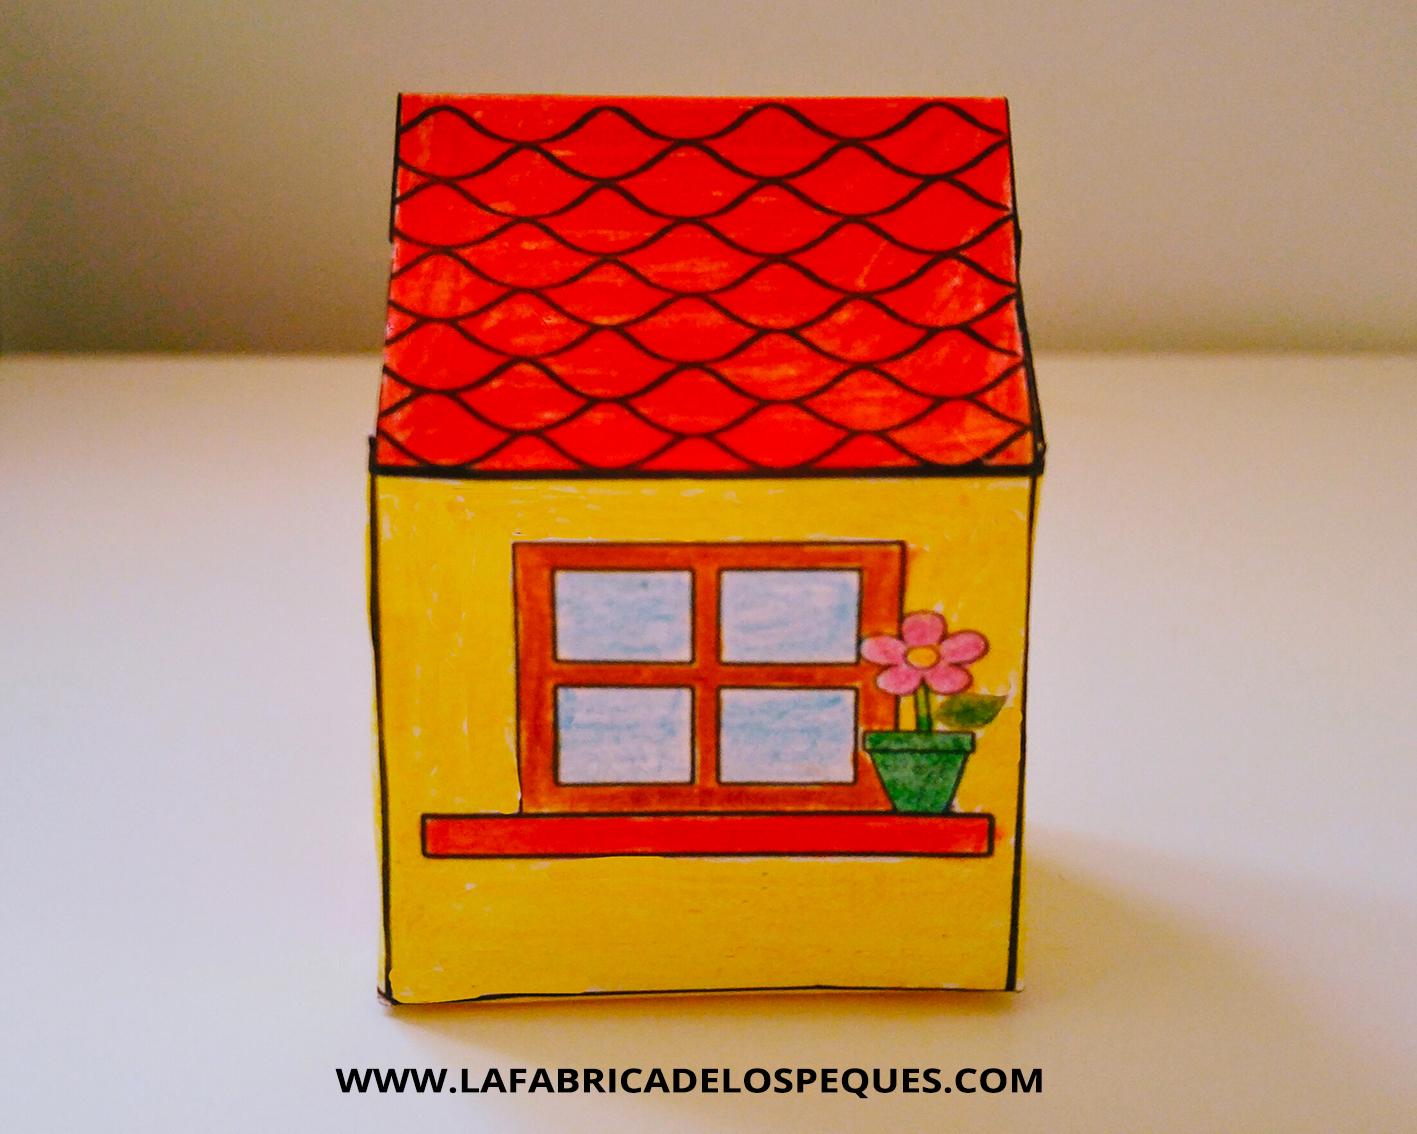 Manualidades infantiles: Casas imprimibles - La fábrica de los peques